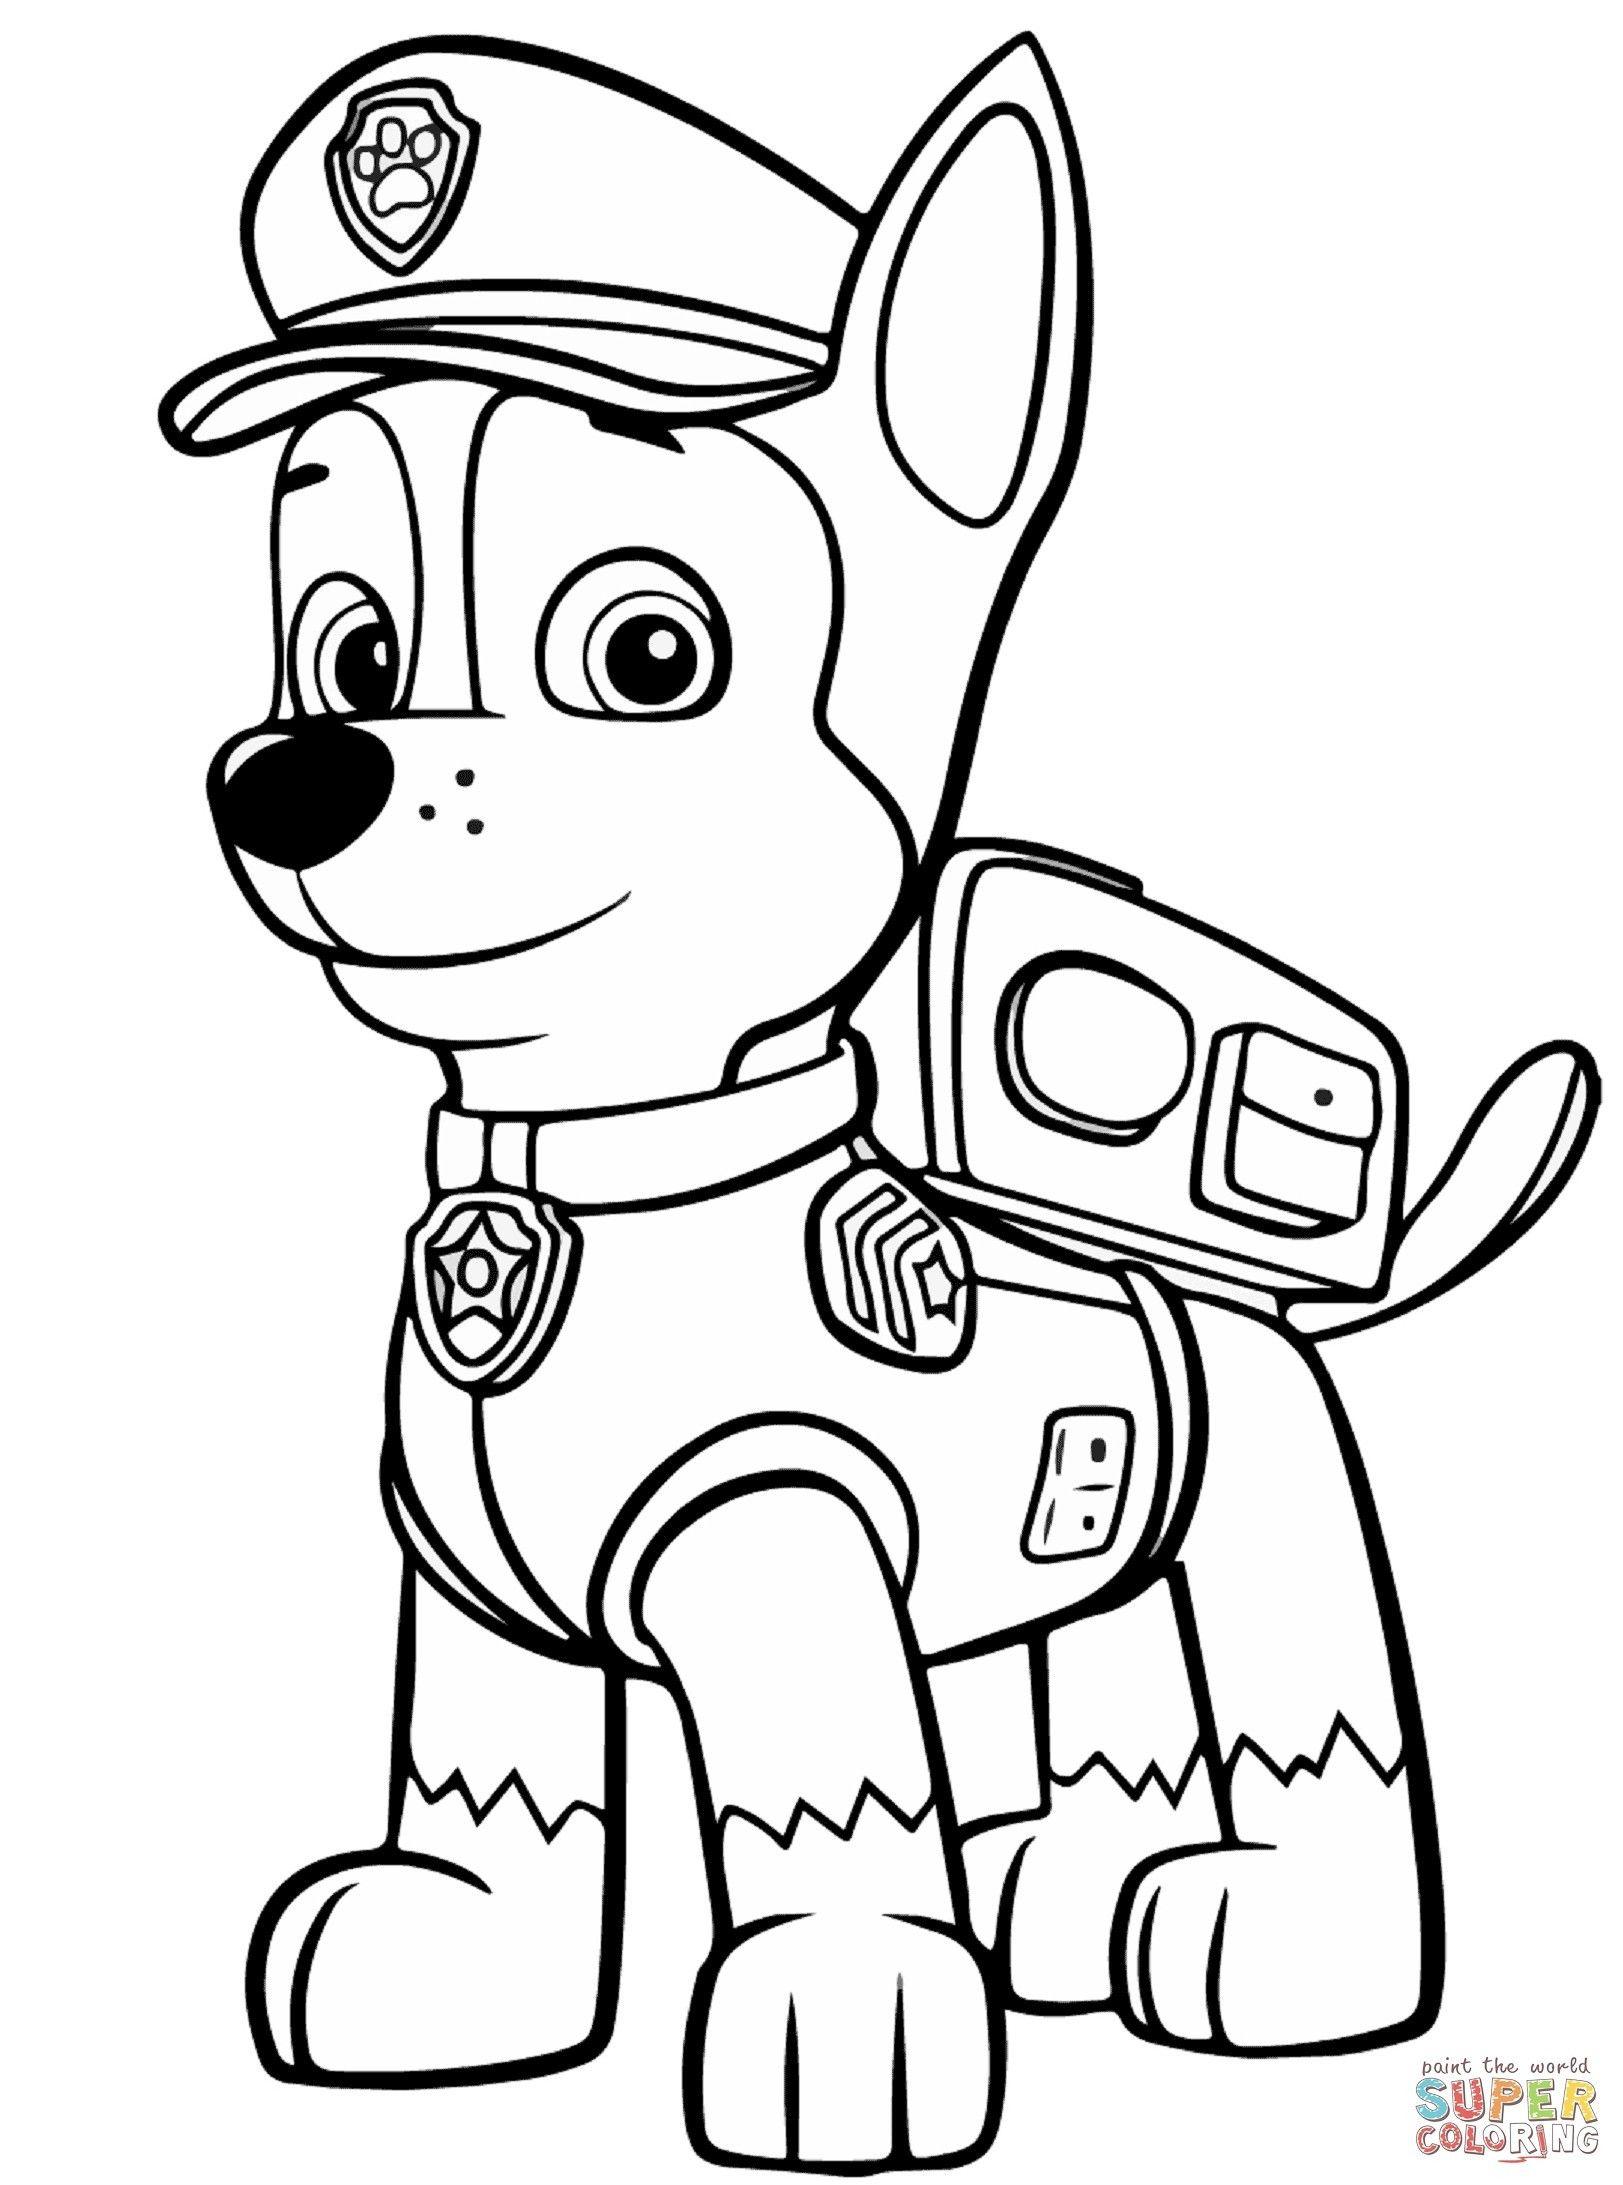 Paw Patrol Coloring Sheets Best Of Photos Coloring Pages Paw Patrol Coloring Pages Colorear Patrulla Canina Patrulla Canina Dibujos Patrulla Canina Para Pintar